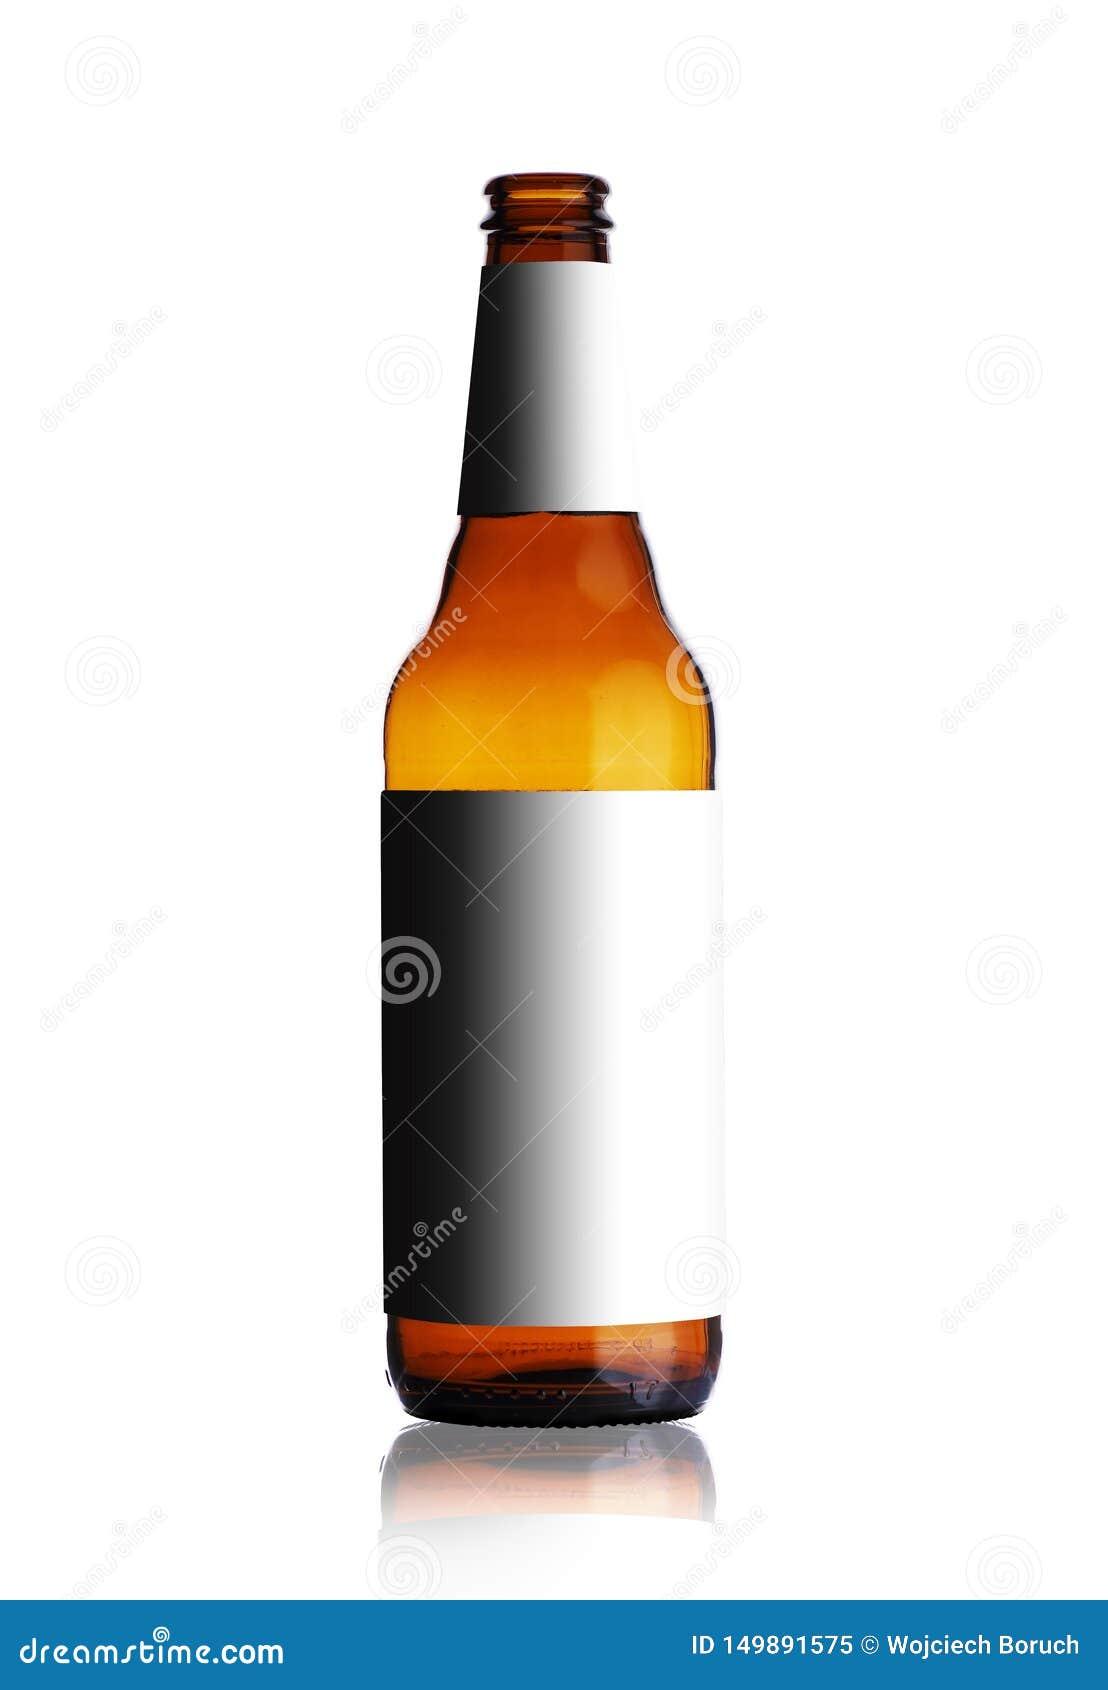 没有标签的空的啤酒瓶